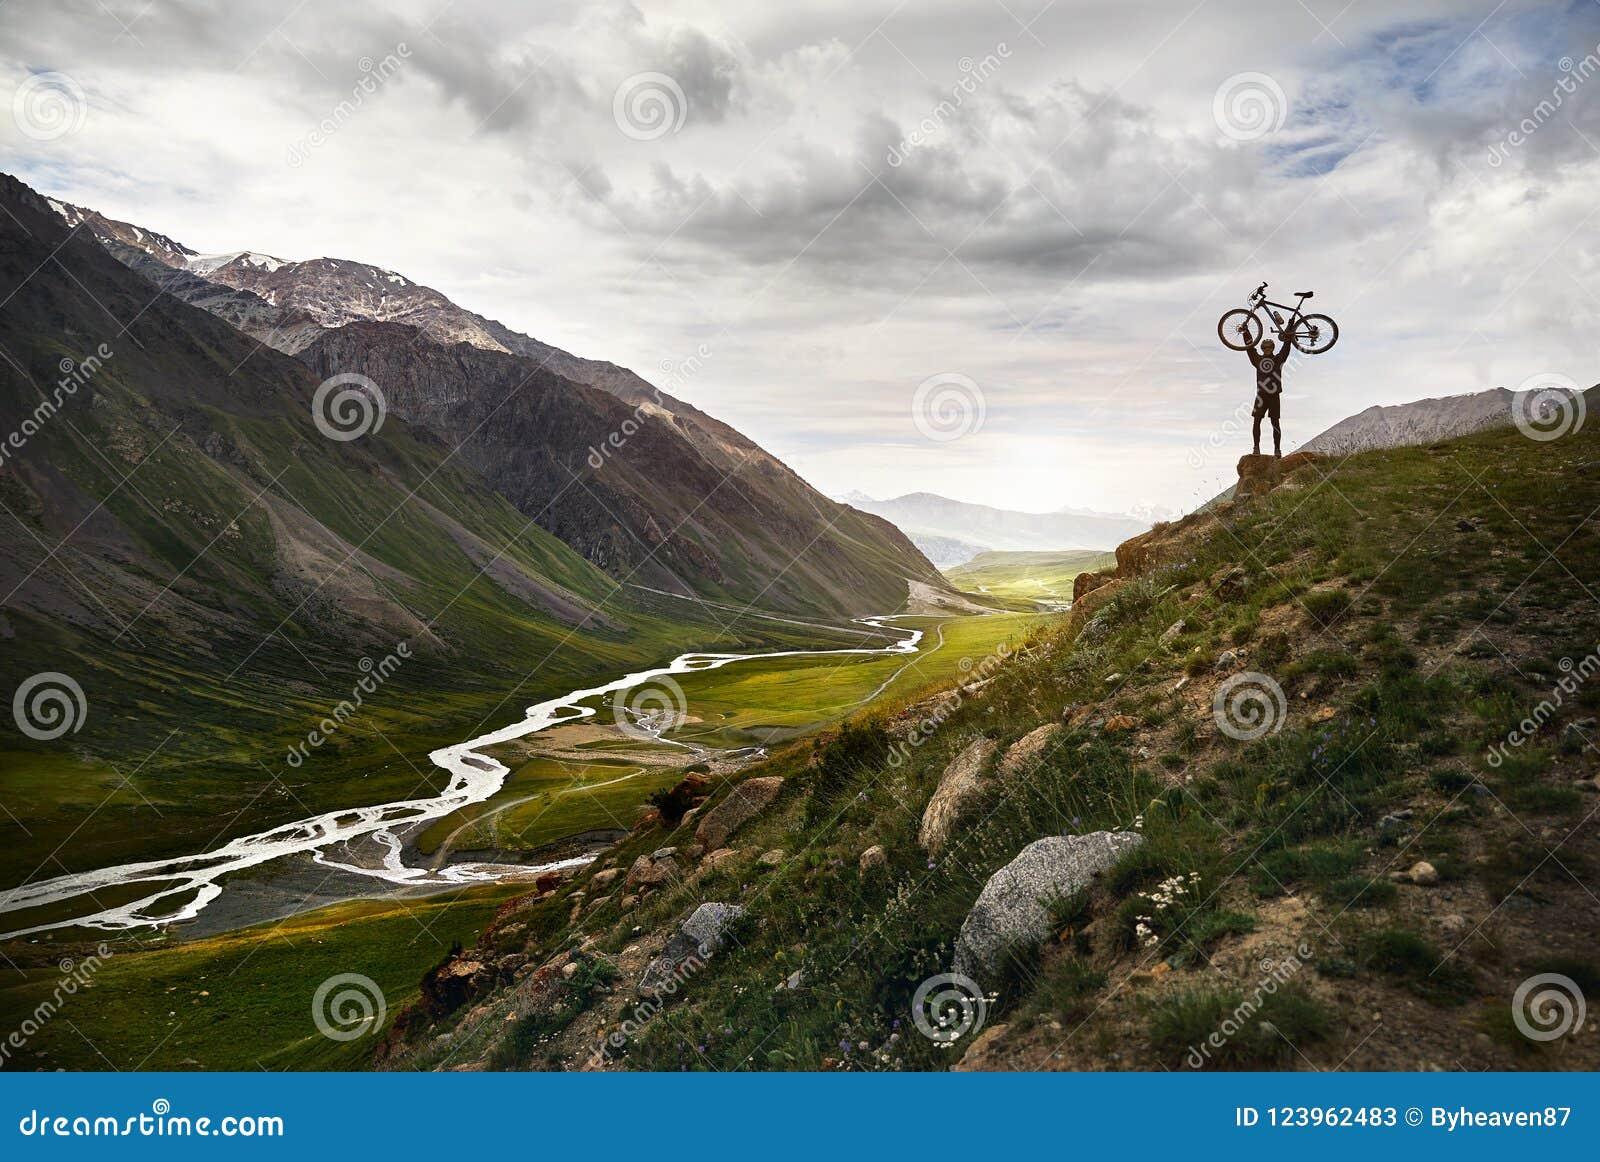 Mens met fiets in de berg